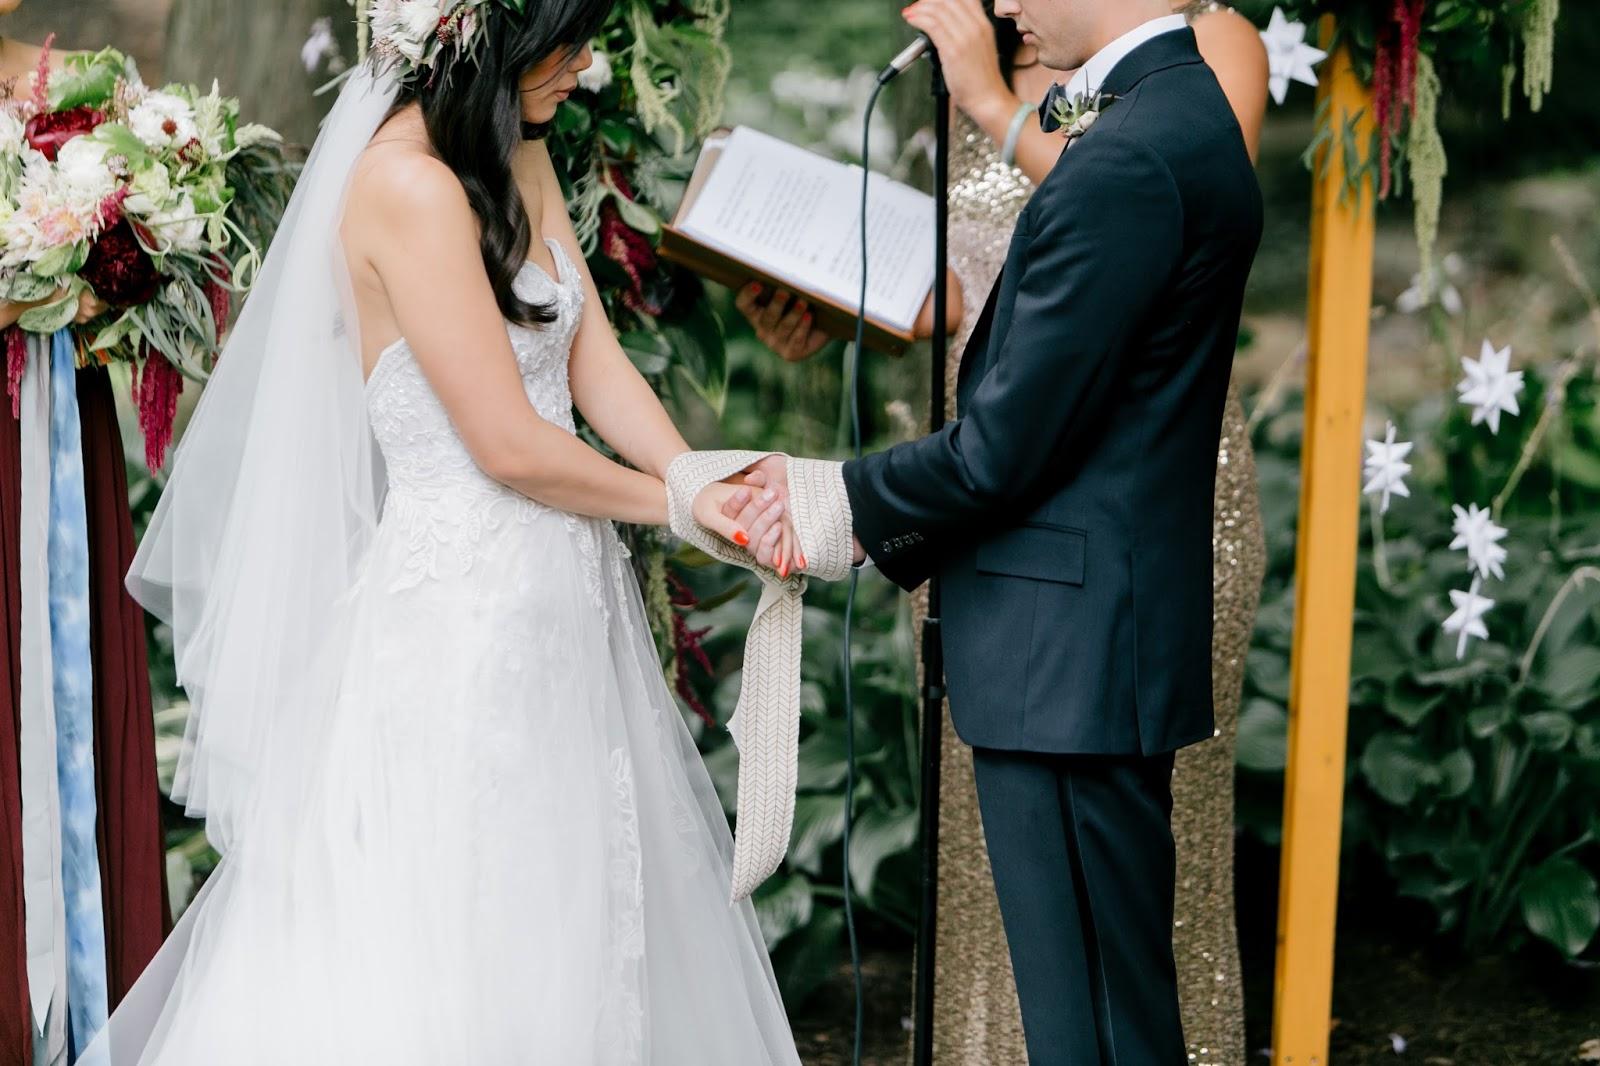 Matrimonio Simbolico All Estero : Matrimonio simbolico cos è come funziona i riti e